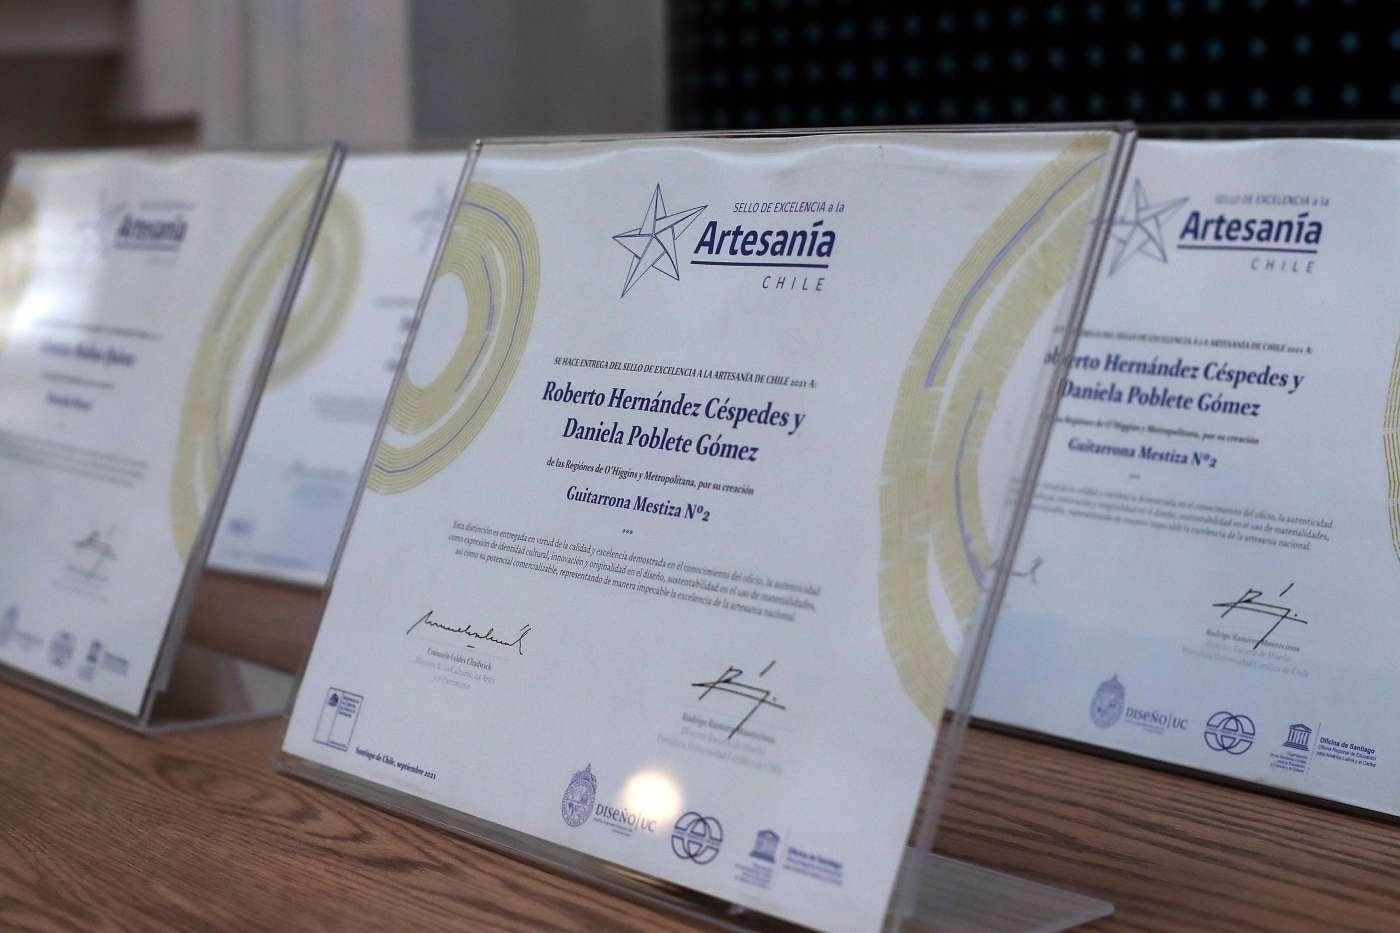 Ministerio de las Culturas y la Pontificia Universidad Católica entregan el Premio Sello de Excelencia a la Artesanía 2021